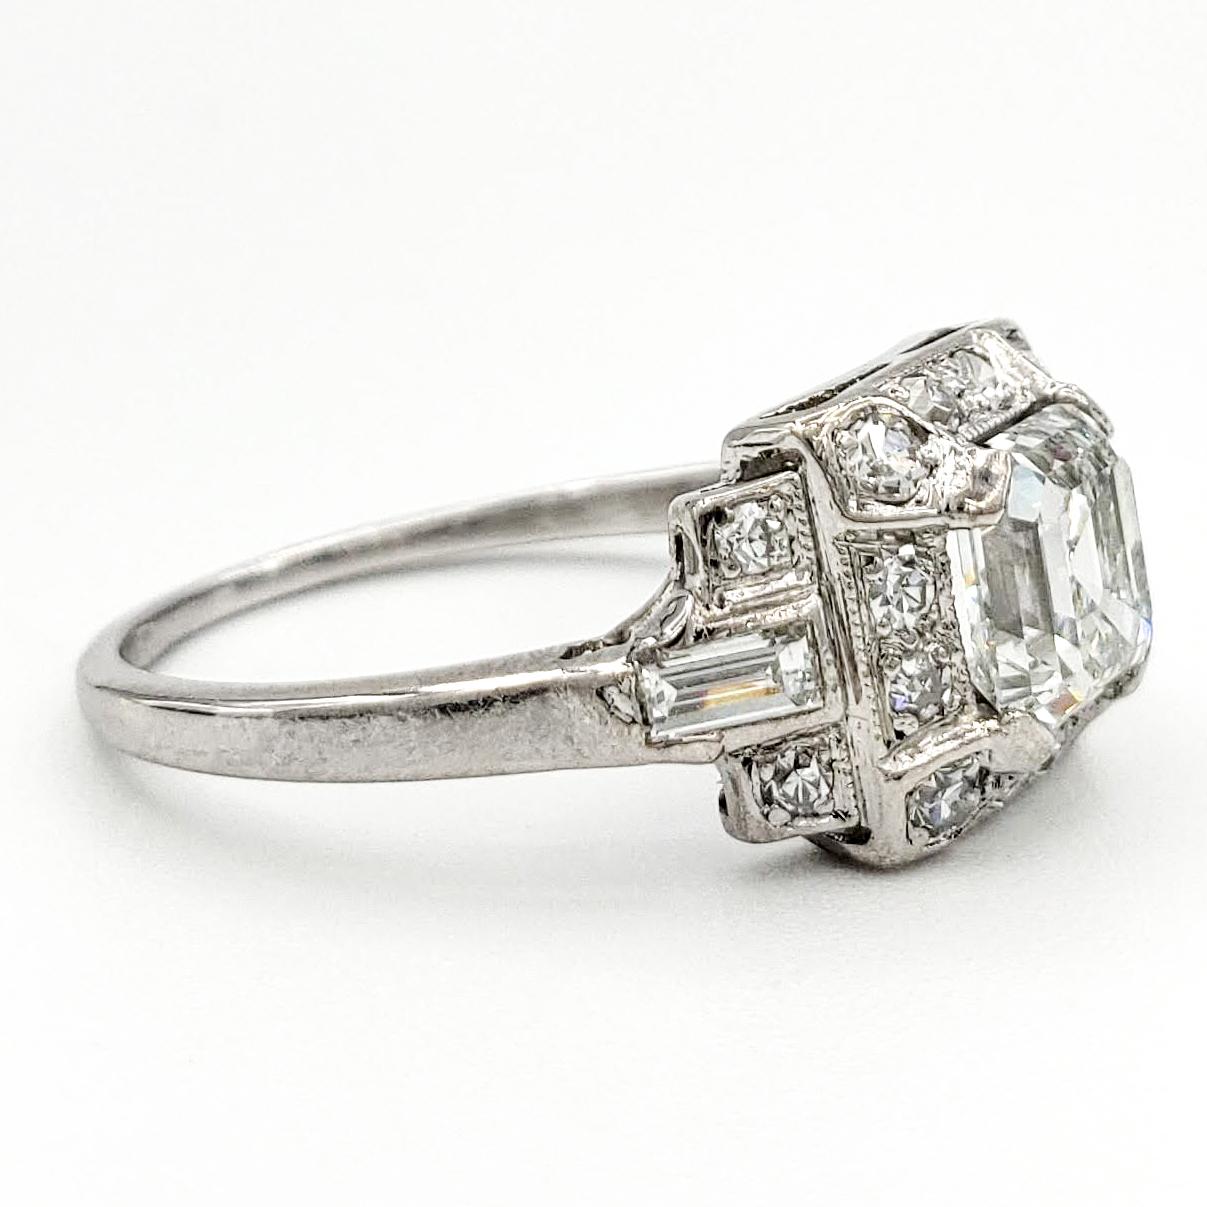 Vintage Platinum Engagement Ring With 1.05 Carat Asscher Cut Diamond GIA – H VS1